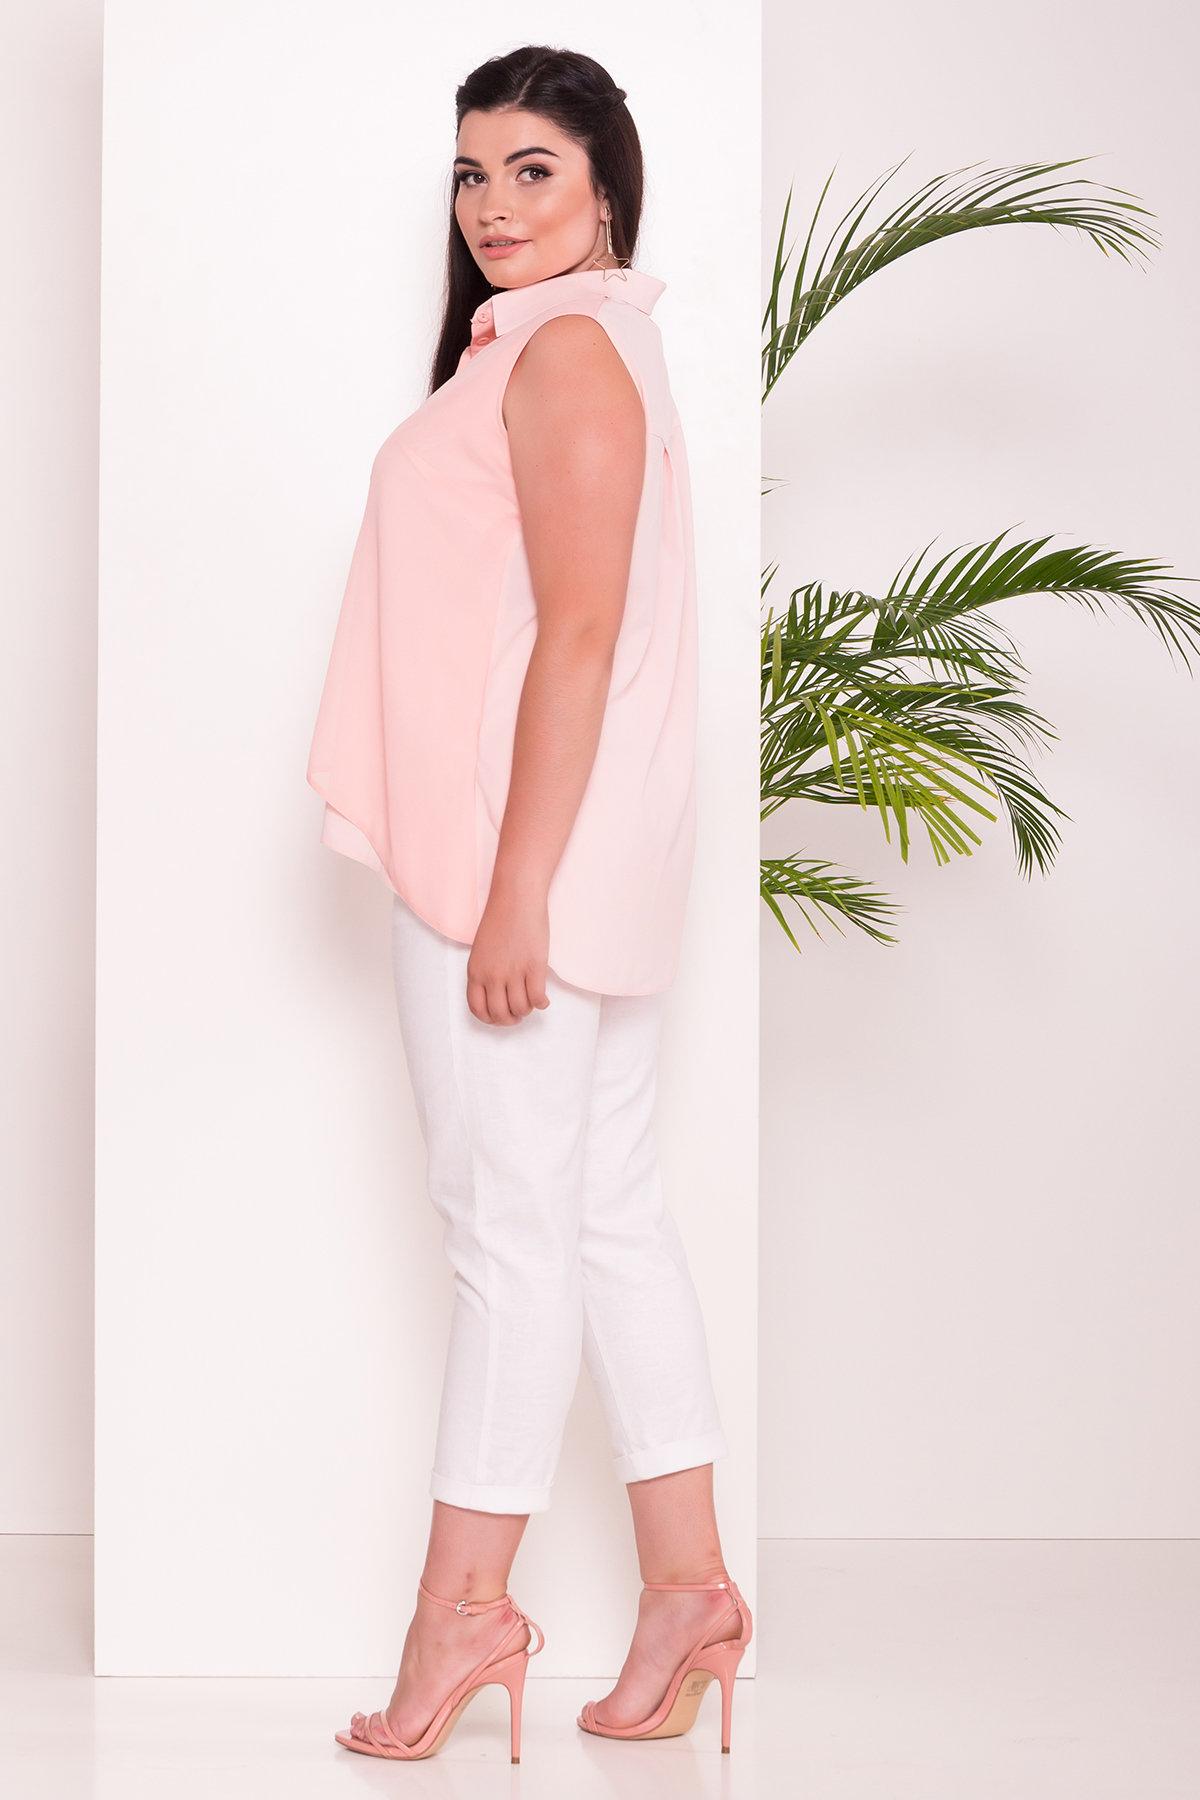 Удлиненная Рубашка Мелория Donna 7521 АРТ. 43456 Цвет: Пудра Светлая - фото 2, интернет магазин tm-modus.ru